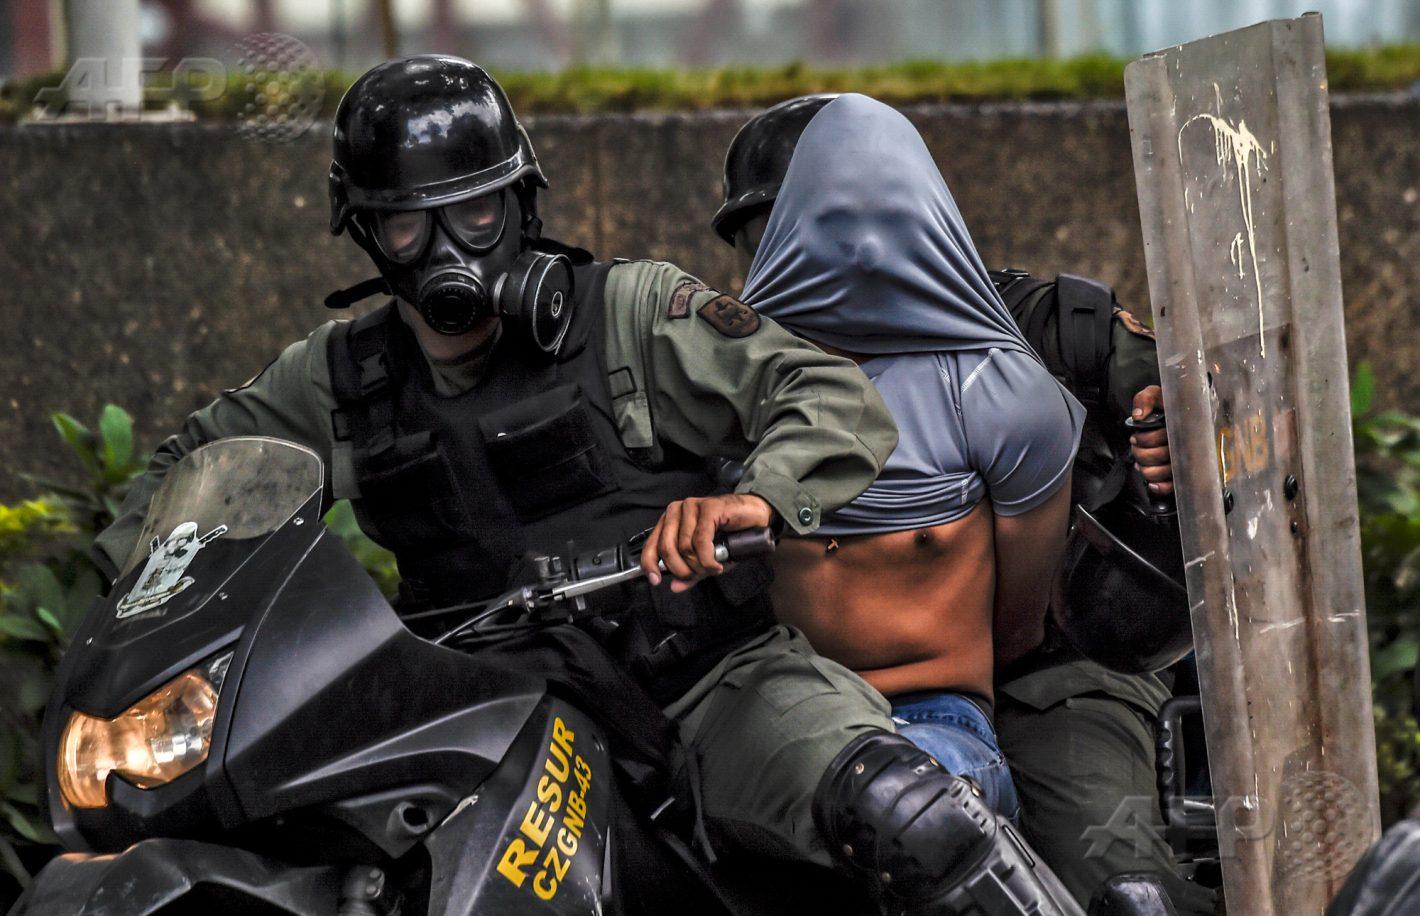 22 juillet 2017 – Caracas - La police anti-émeute arrête un activiste de l'opposition durant des affrontements lors d'une marche en direction de la cour suprême de justice conduite en opposition au président Maduro et son projet d'Assemblée constituante. AFP PHOTO / JUAN BARRETO